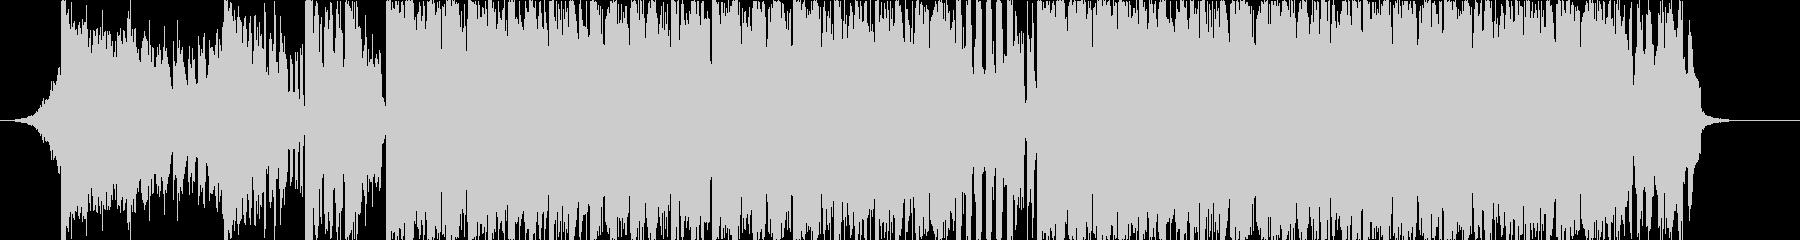 短めなビッグビートのジングルの未再生の波形